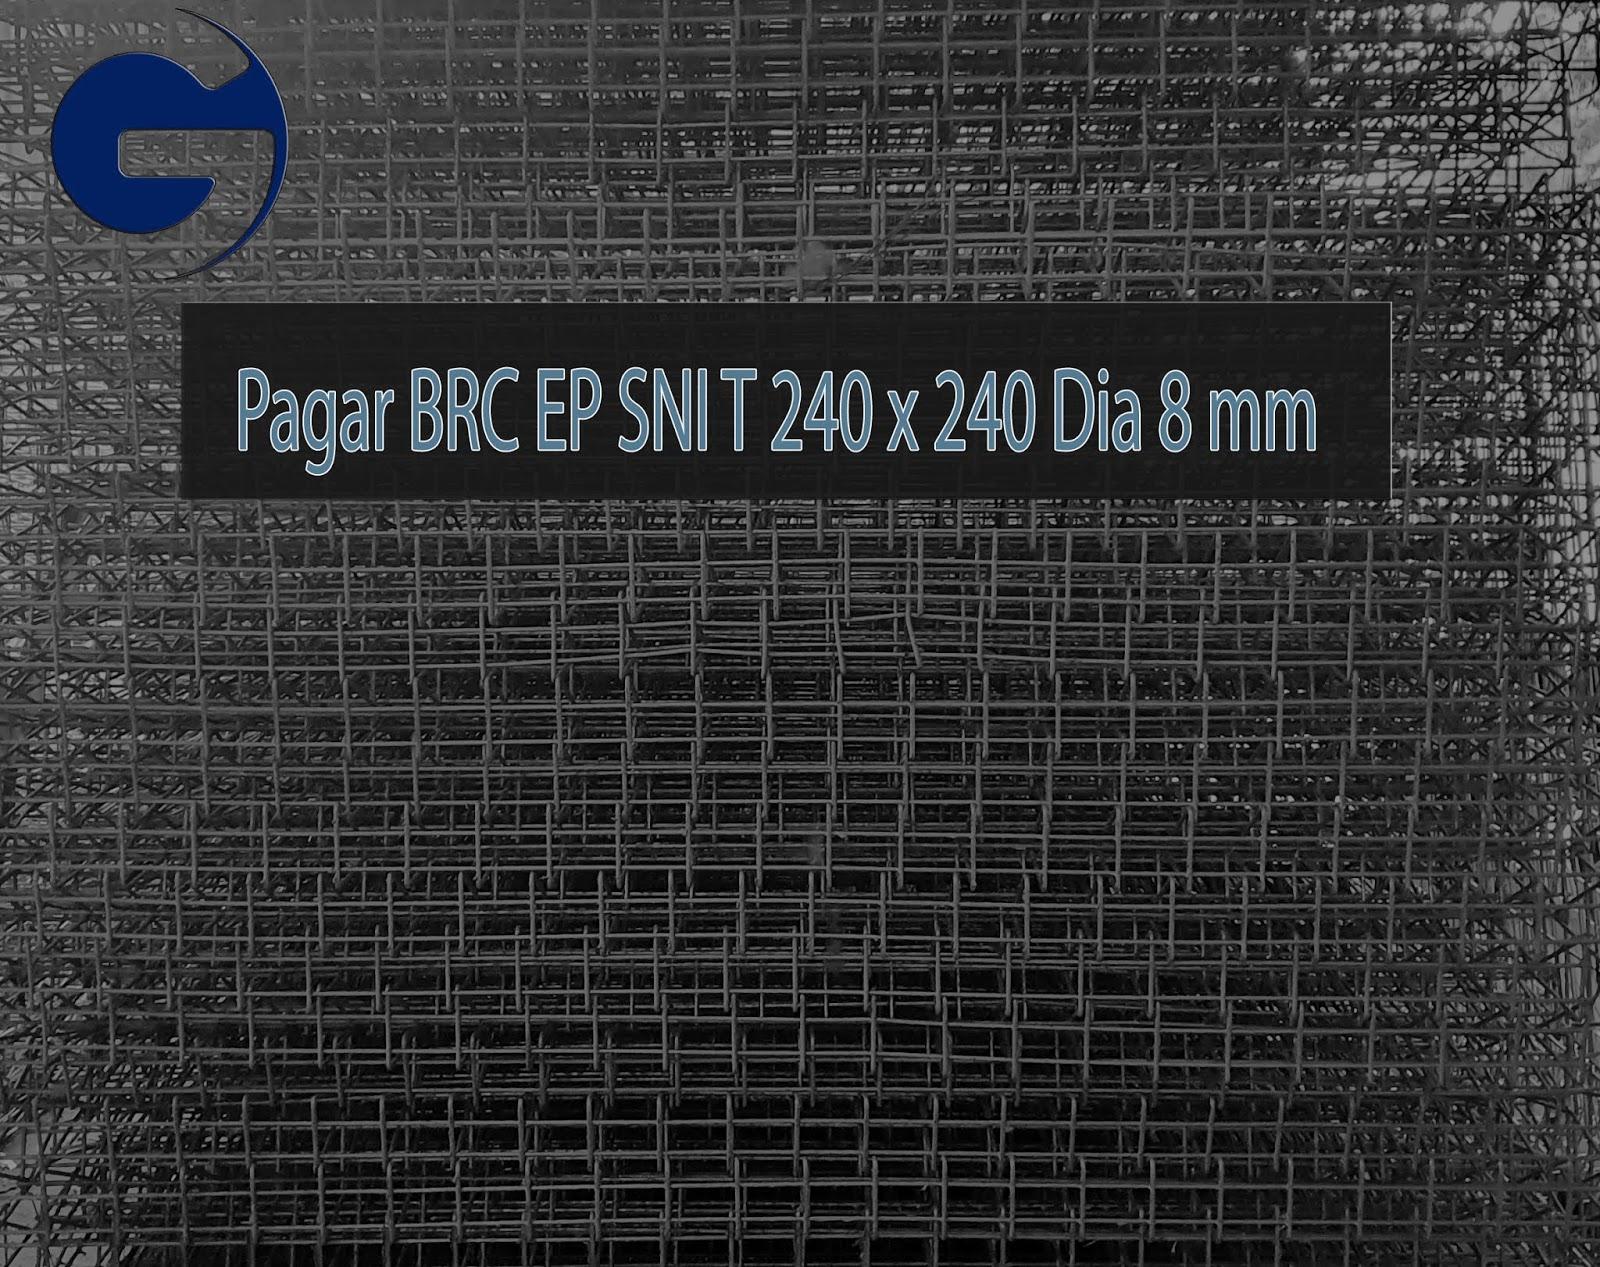 Jual pagar BRC HD SNI T 240 x 240 Dia 8 mm